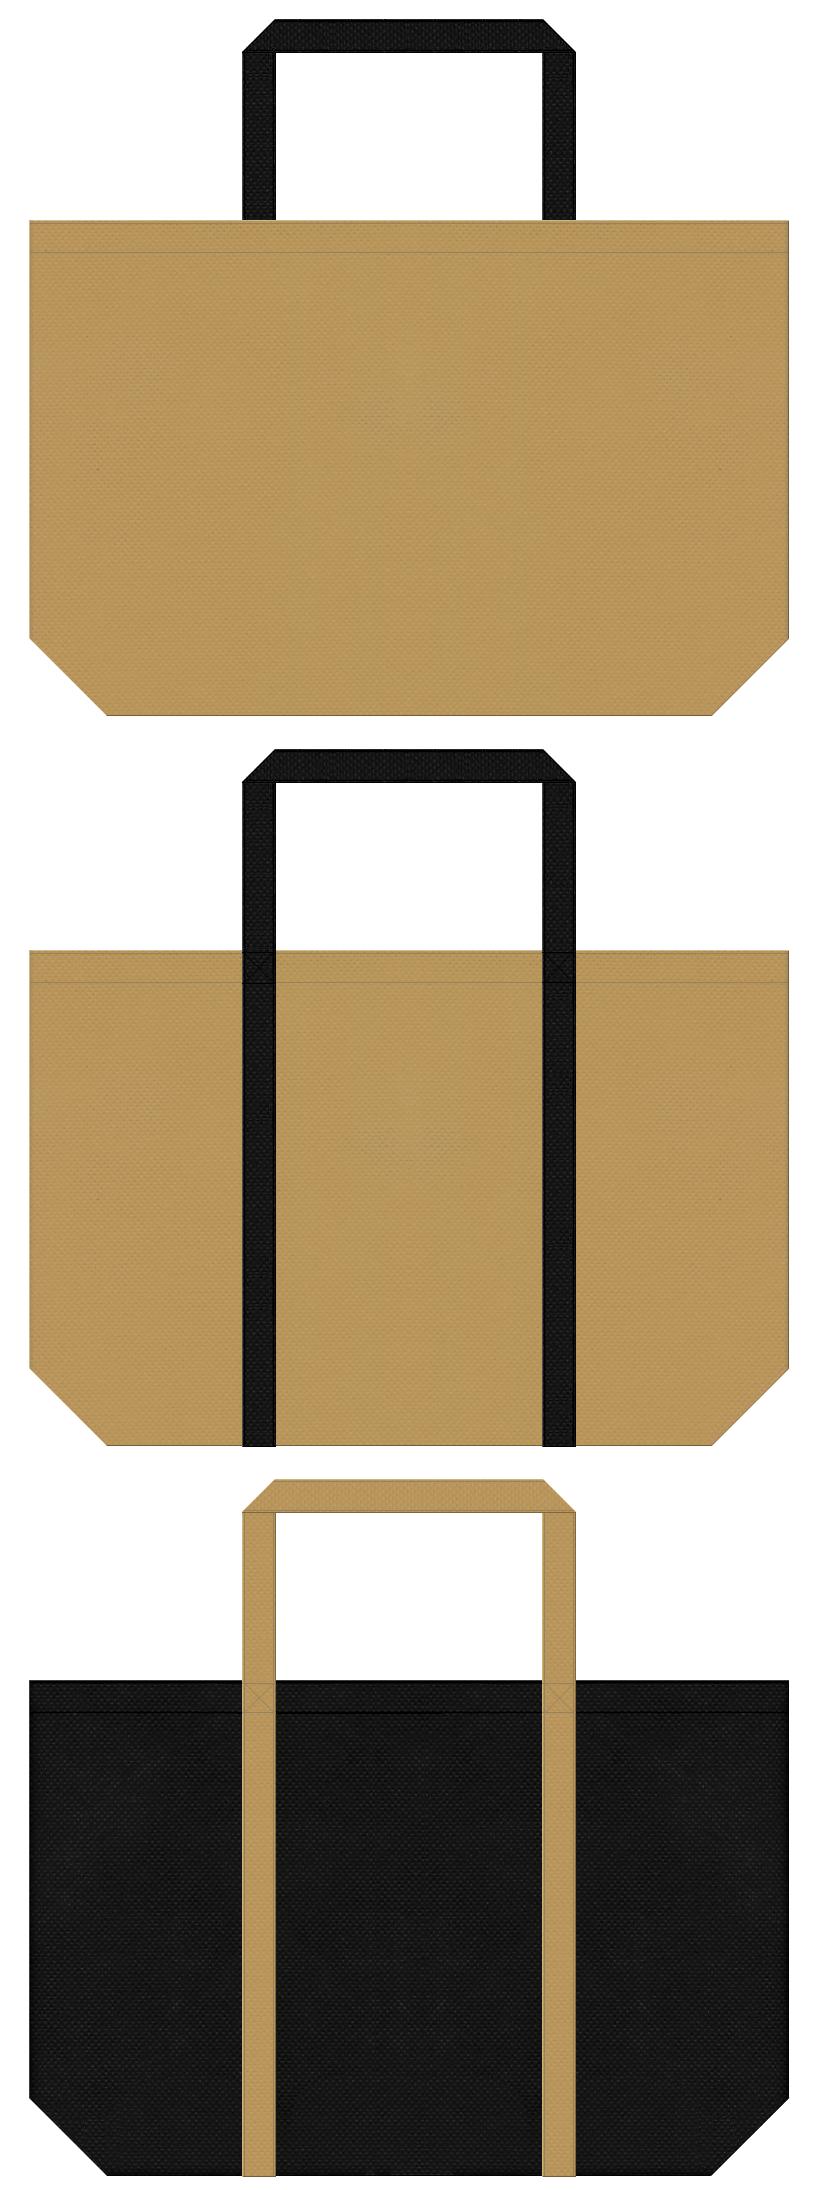 ゲーム・大名・戦国・お城イベント・襖・額縁・書道・焼酎・印籠・提灯・民芸品のショッピングバッグにお奨めの不織布バッグデザイン:金黄土色と黒色のコーデ